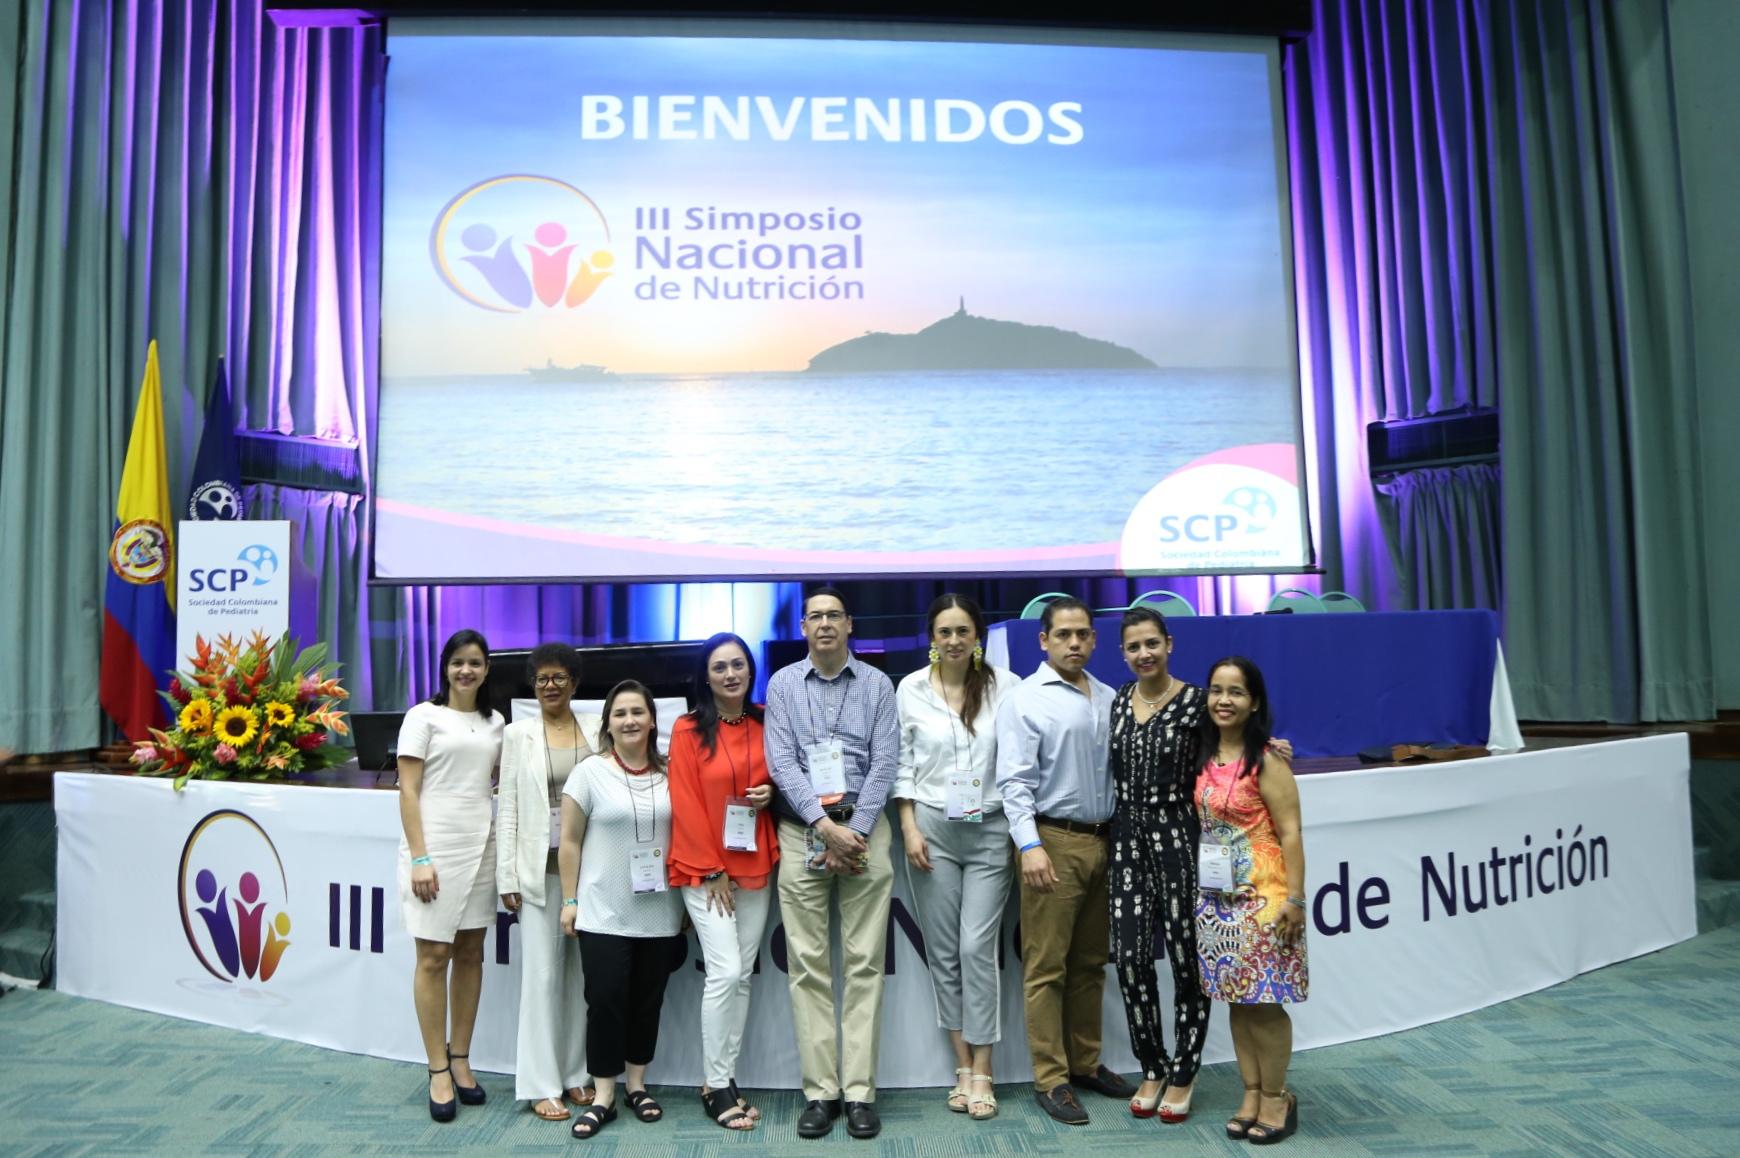 Santa Marta y el país le cumplieron la cita al III Simposio Nacional de Nutrición